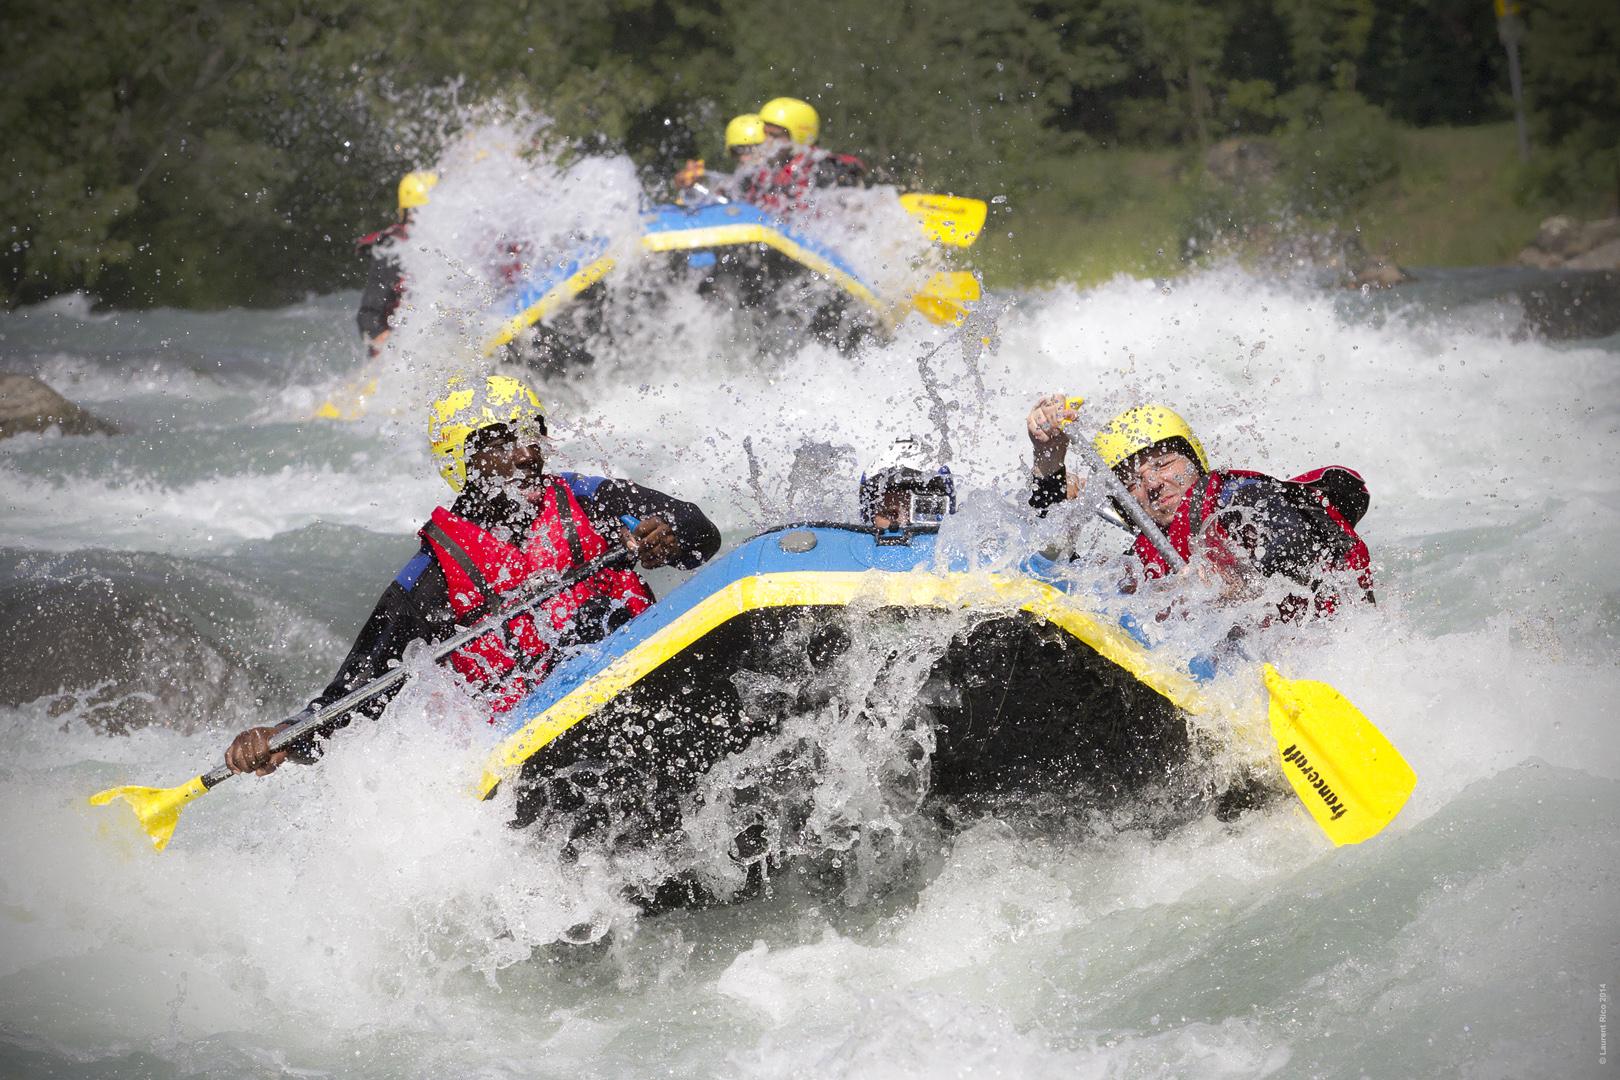 Laurent-rico-grenoble-bourg-saint-maurice-reportage-isere-descente-raft-photos-sensations-eau-vive-franceraft-